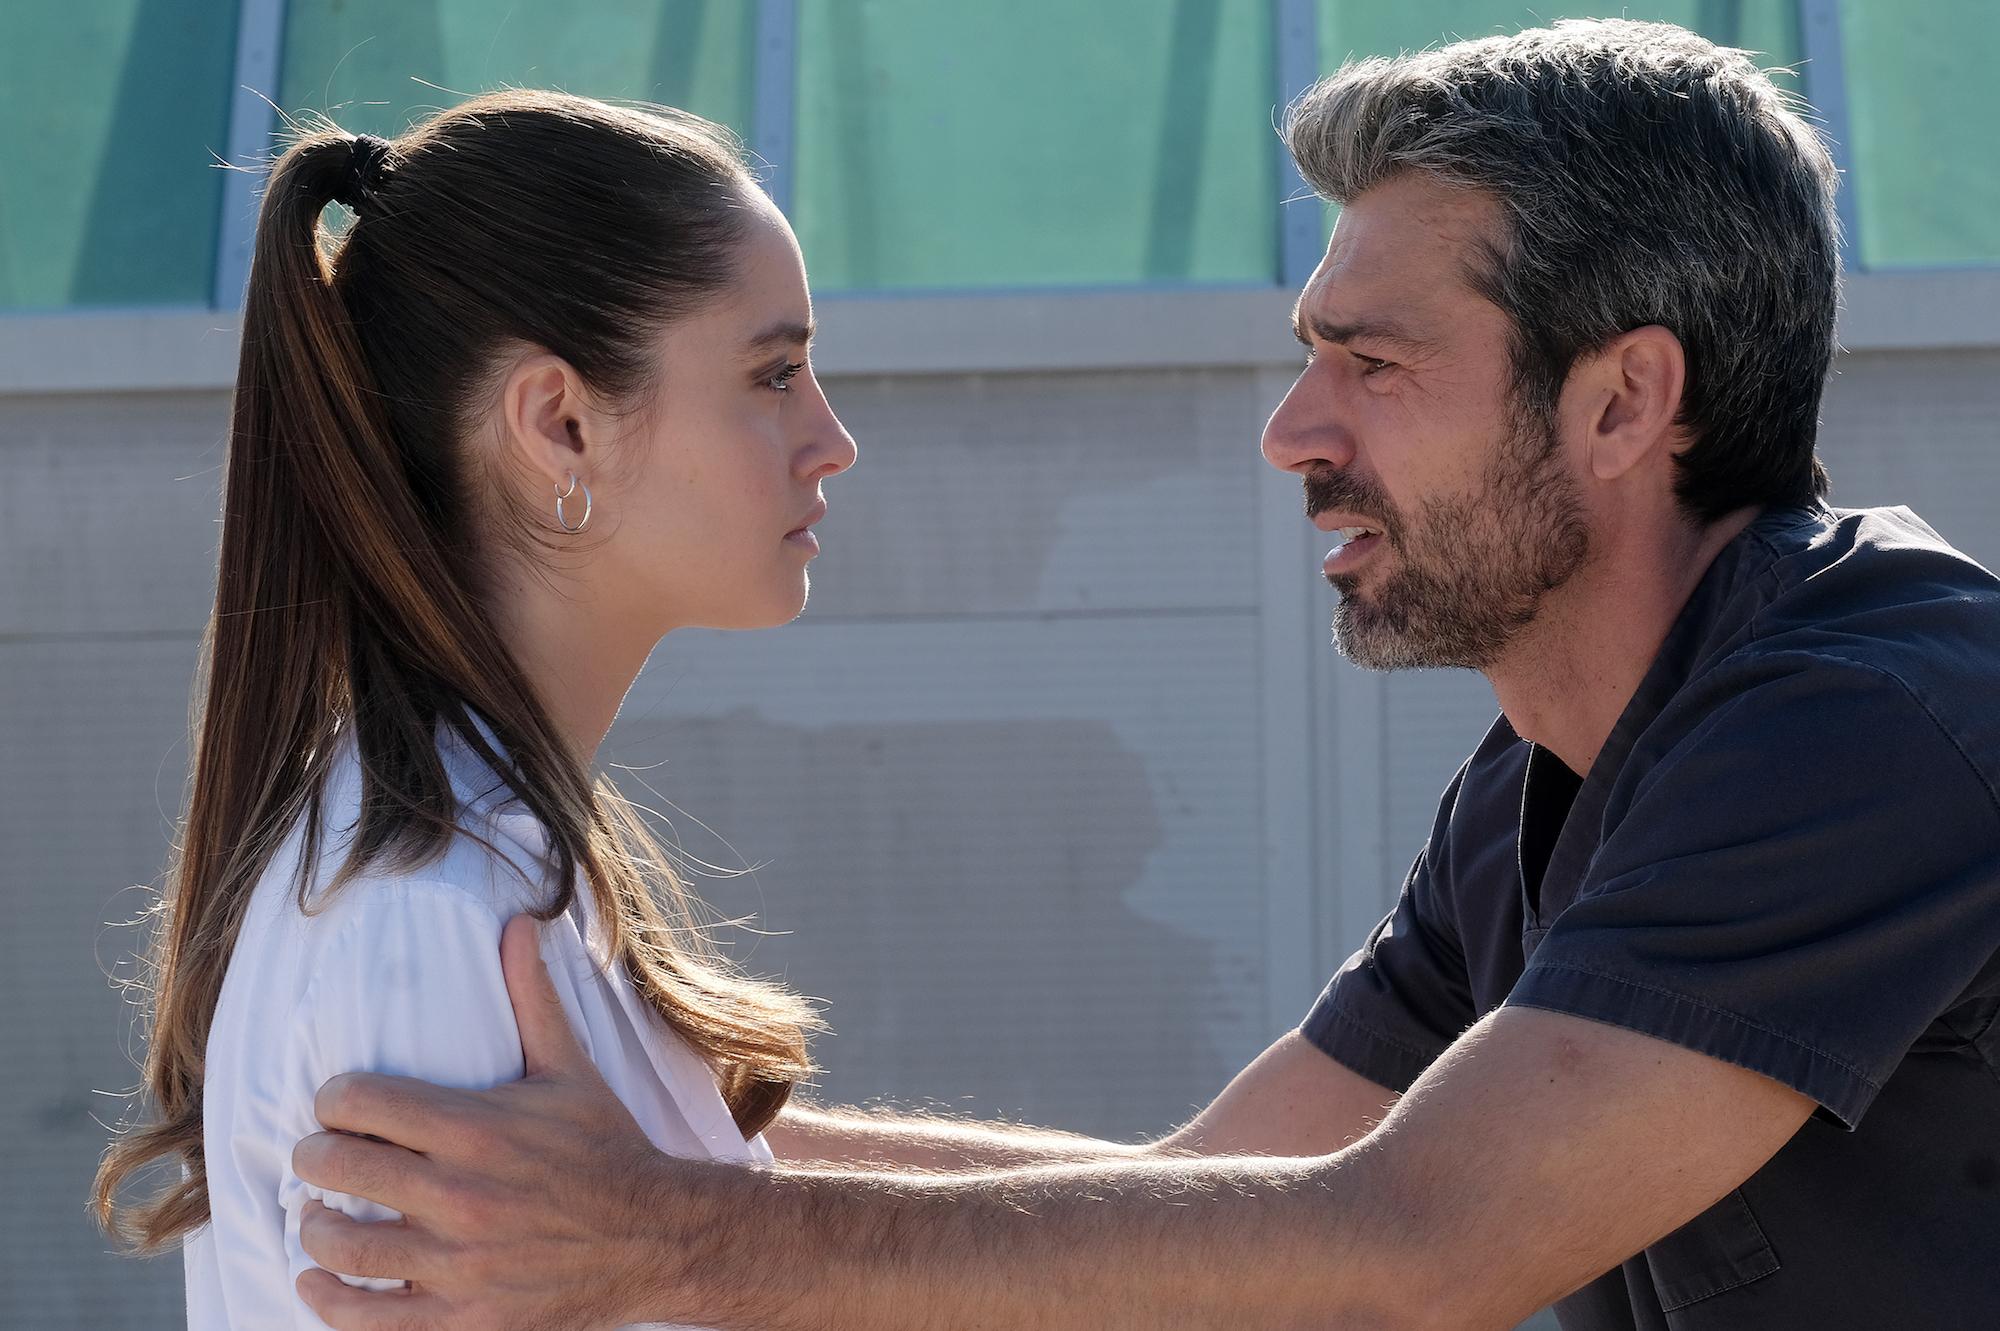 Doc - Nelle tue mani: Luca Argentero annuncia un finale aperto